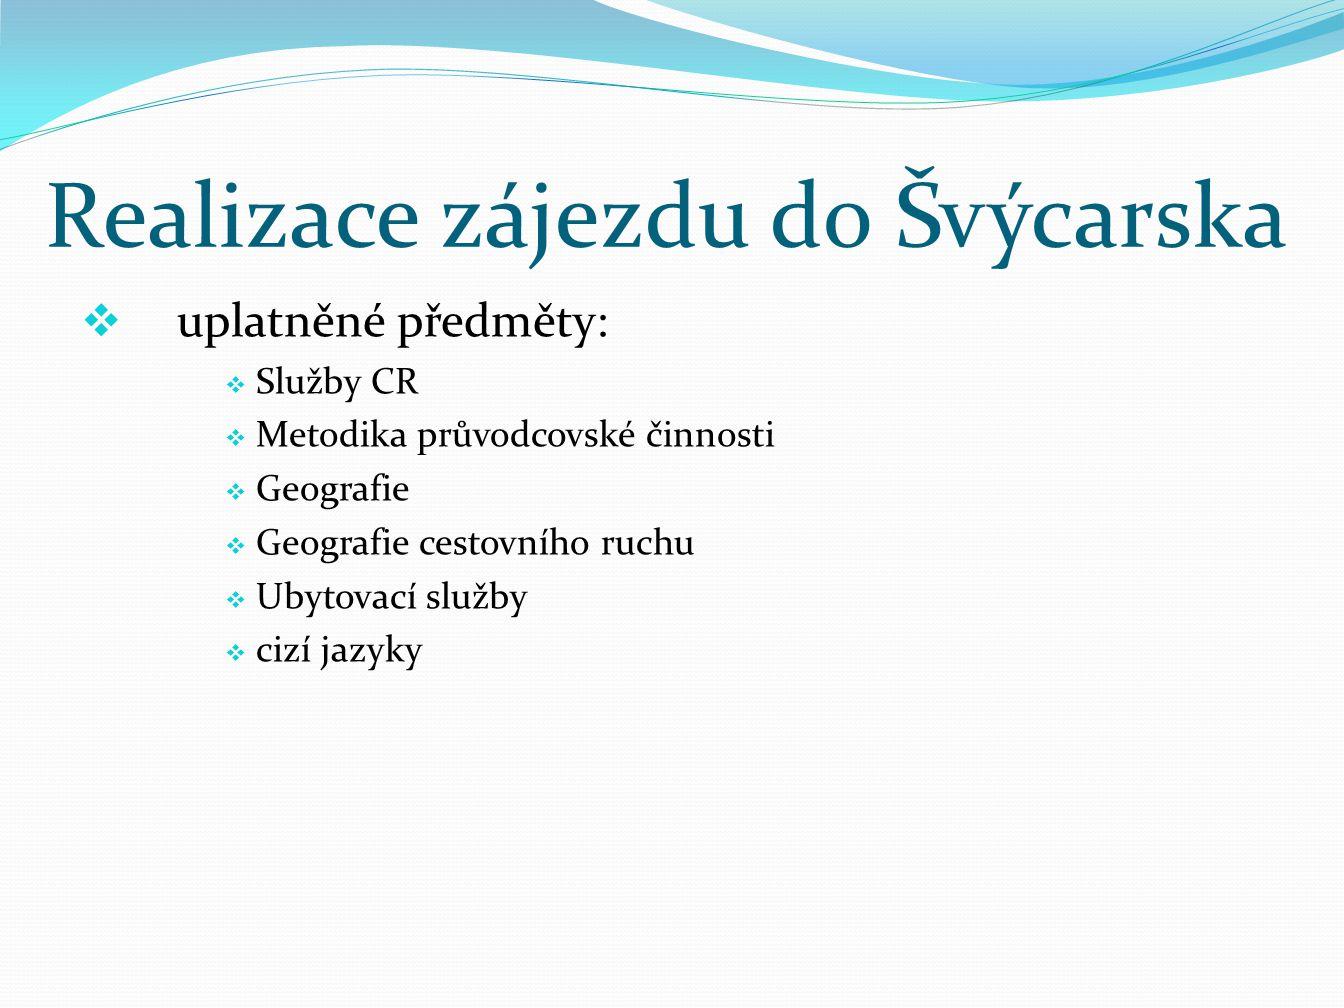 Realizace zájezdu do Švýcarska  uplatněné předměty:  Služby CR  Metodika průvodcovské činnosti  Geografie  Geografie cestovního ruchu  Ubytovací služby  cizí jazyky